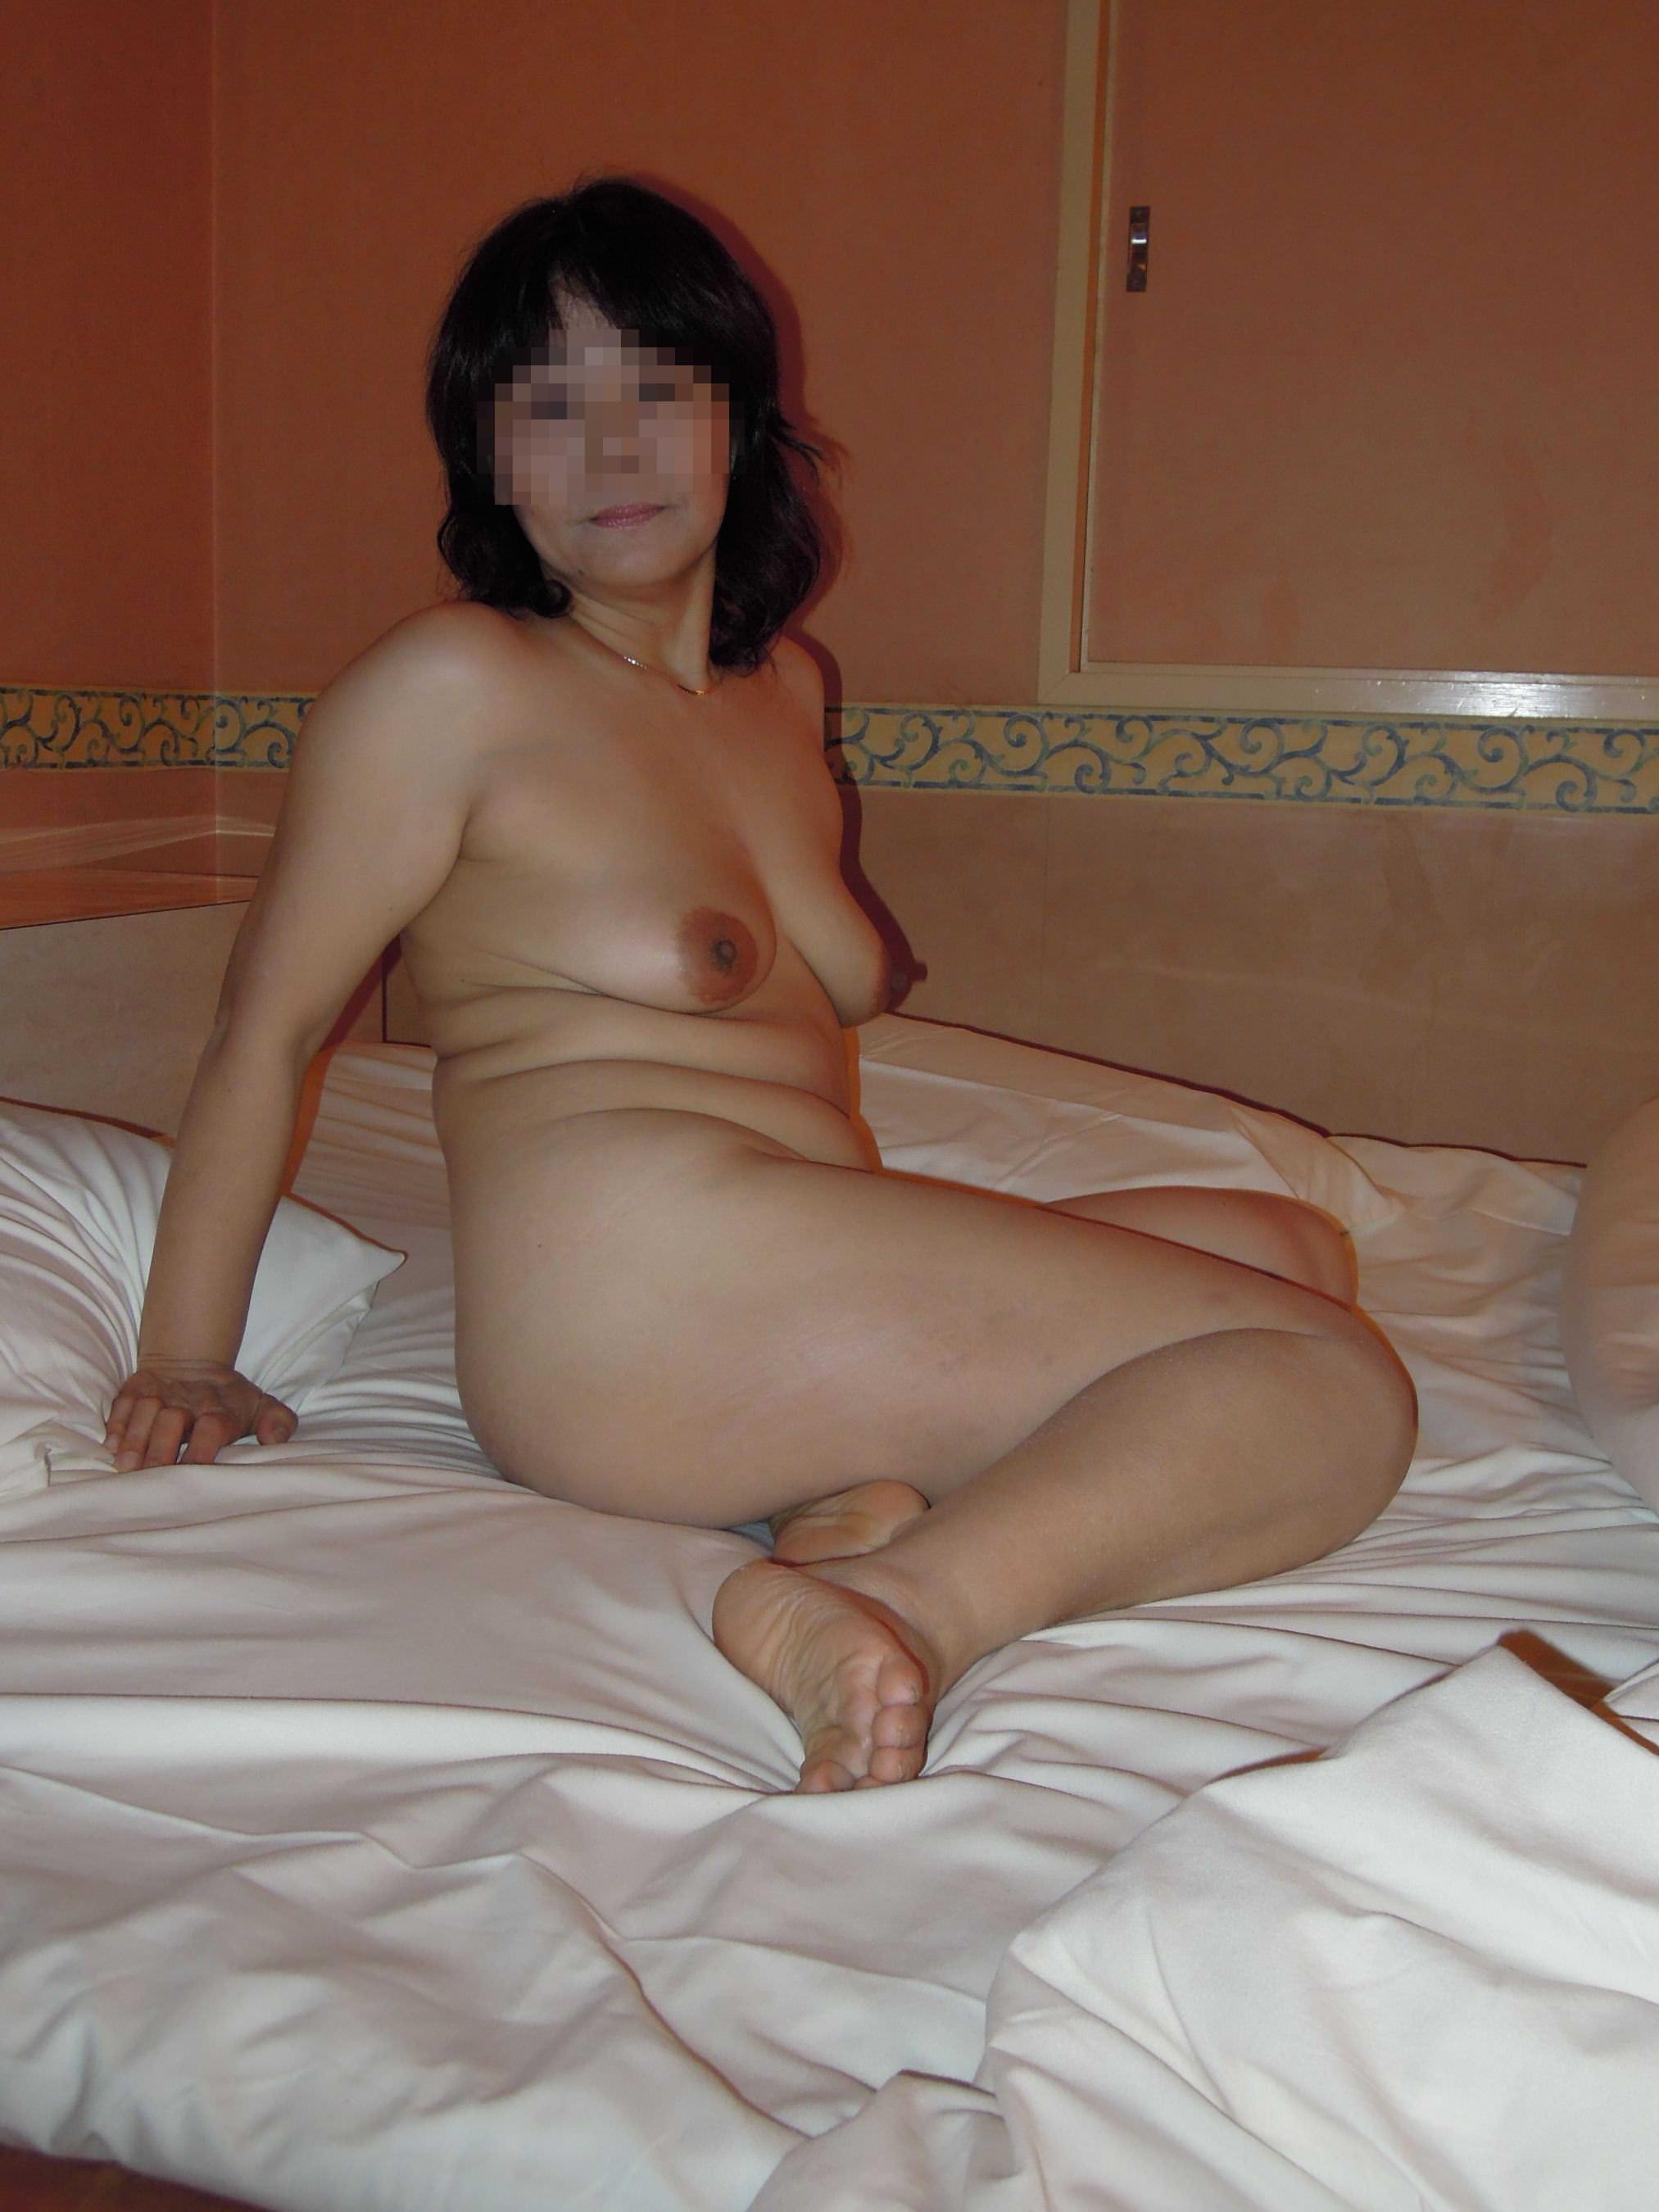 熟女の崩れた裸体ってホントえっちだよなぁーwww50代ポッチャリ系おばさんのエロ画像 1110